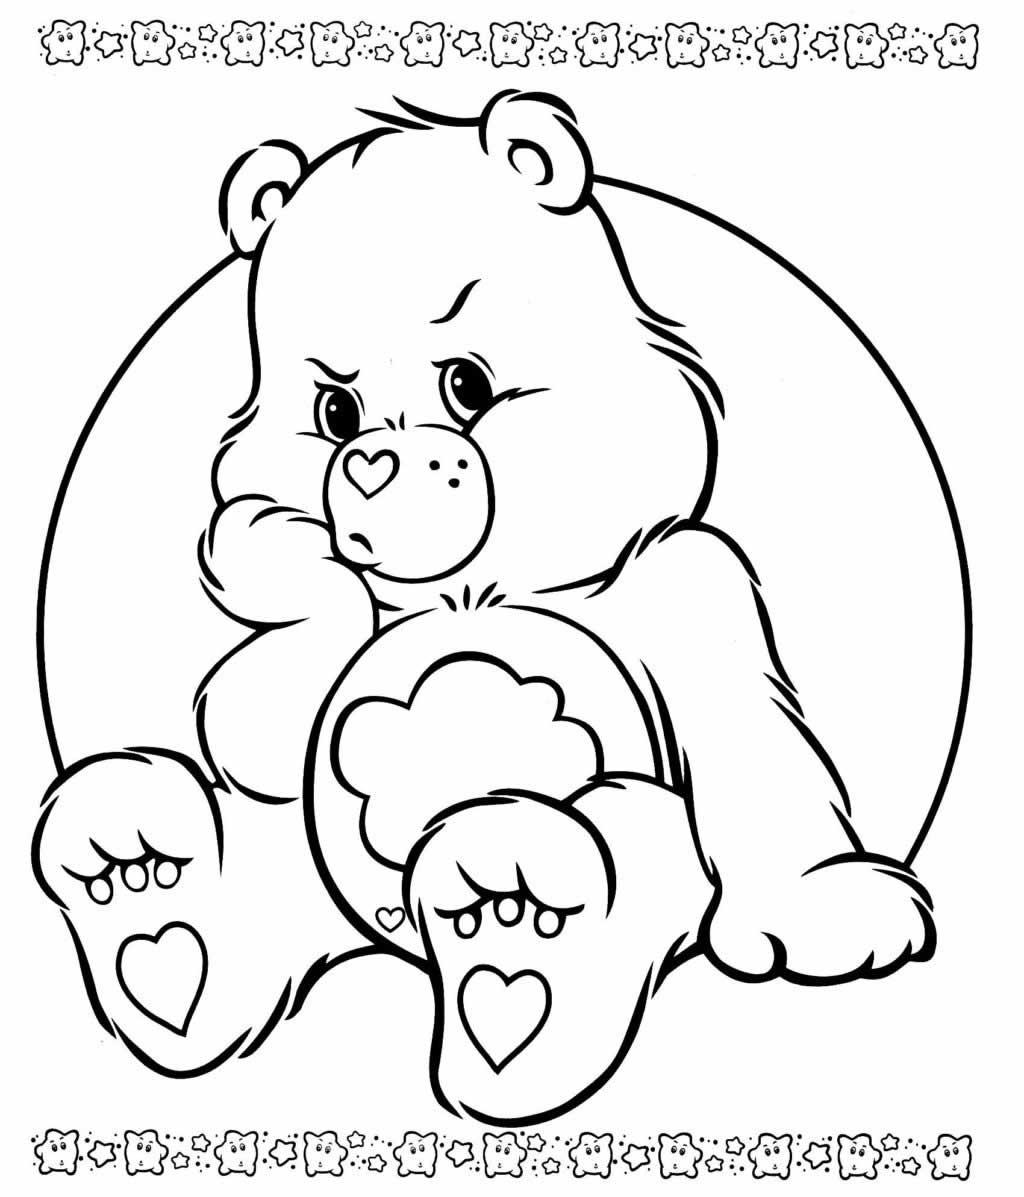 Desenho dos Ursinhos Carinhosos para imprimir e colorir